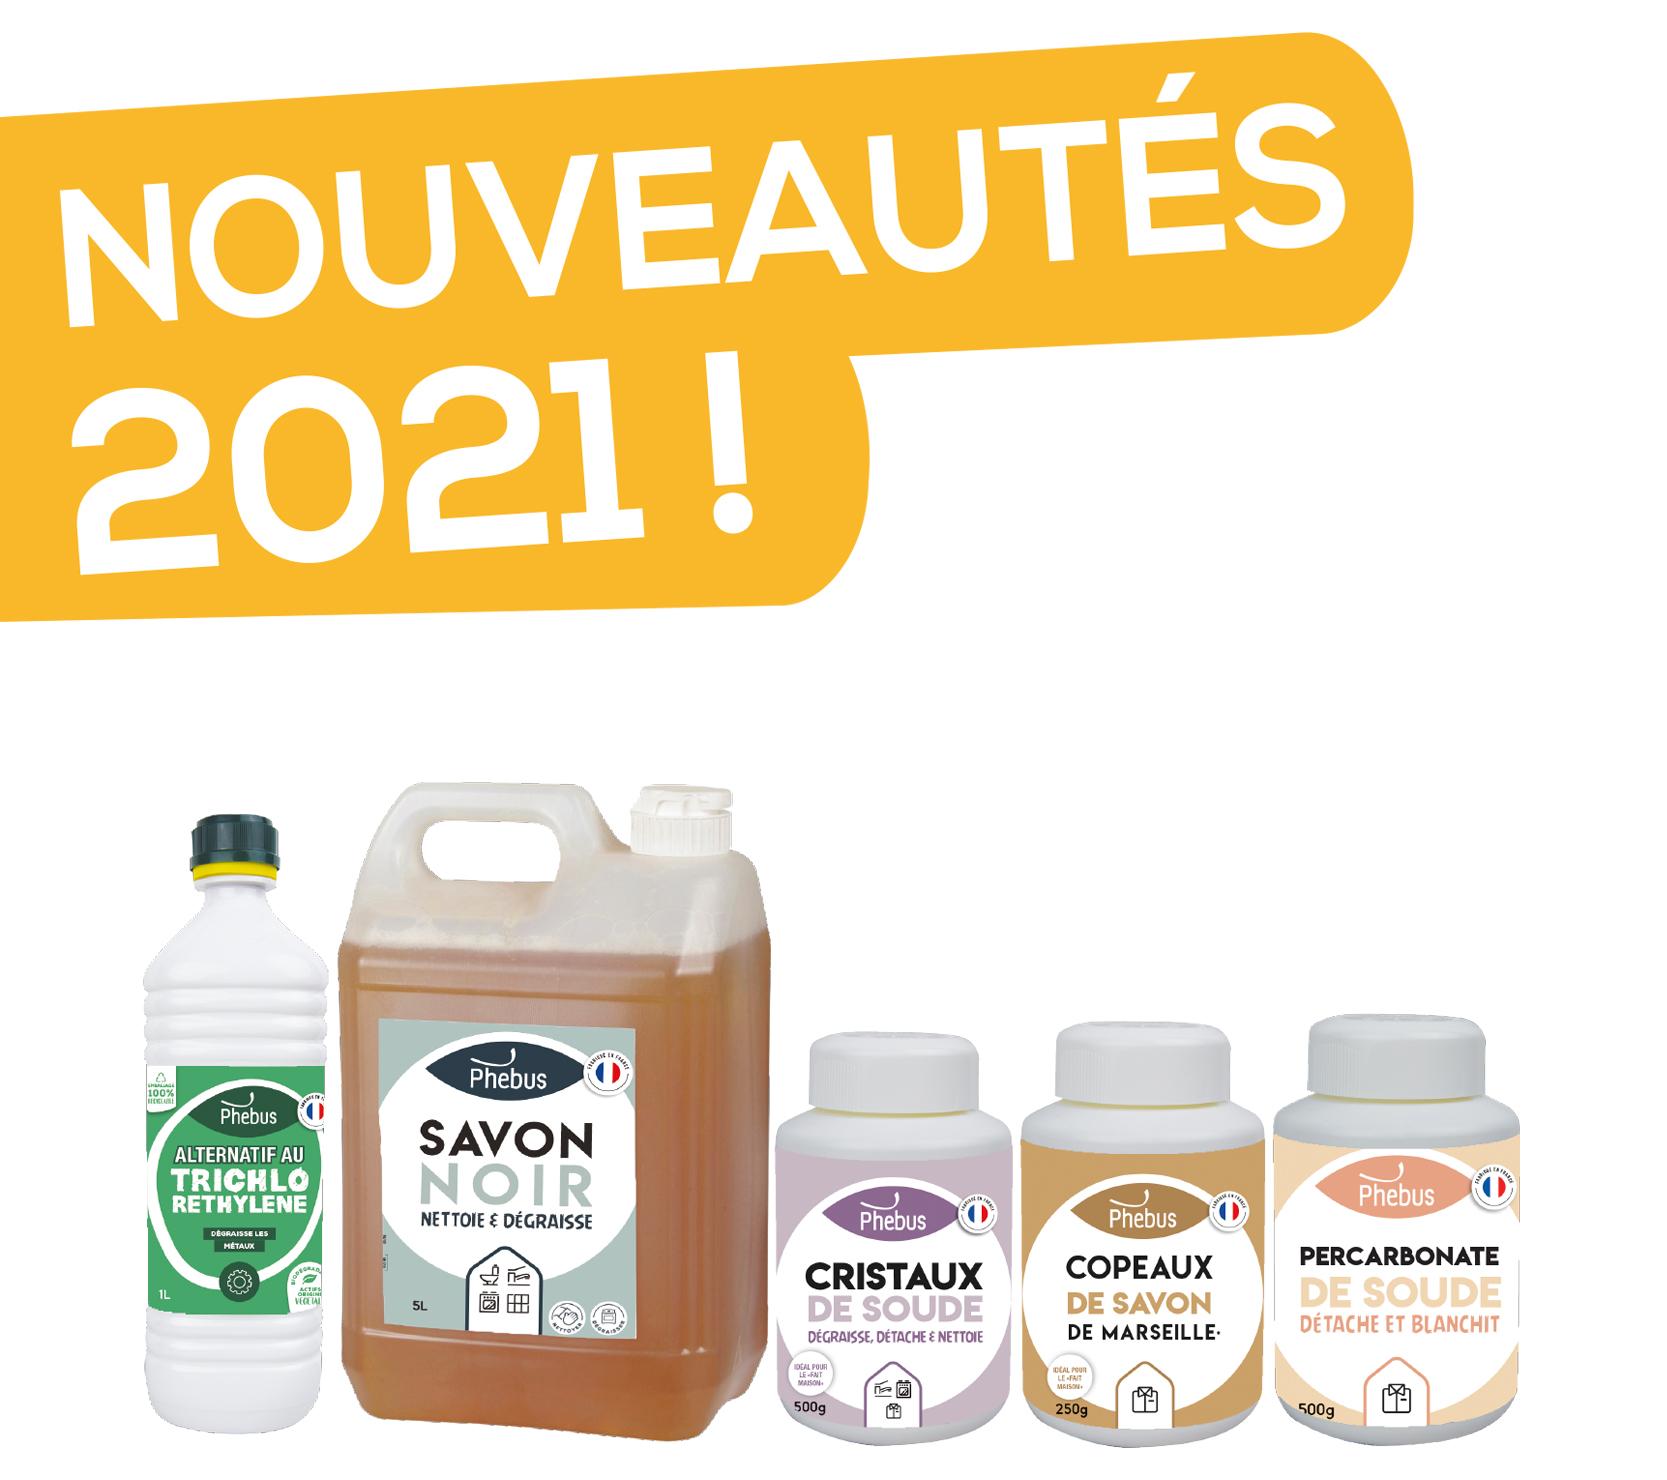 Découvrez nos nouveautés 2021 !